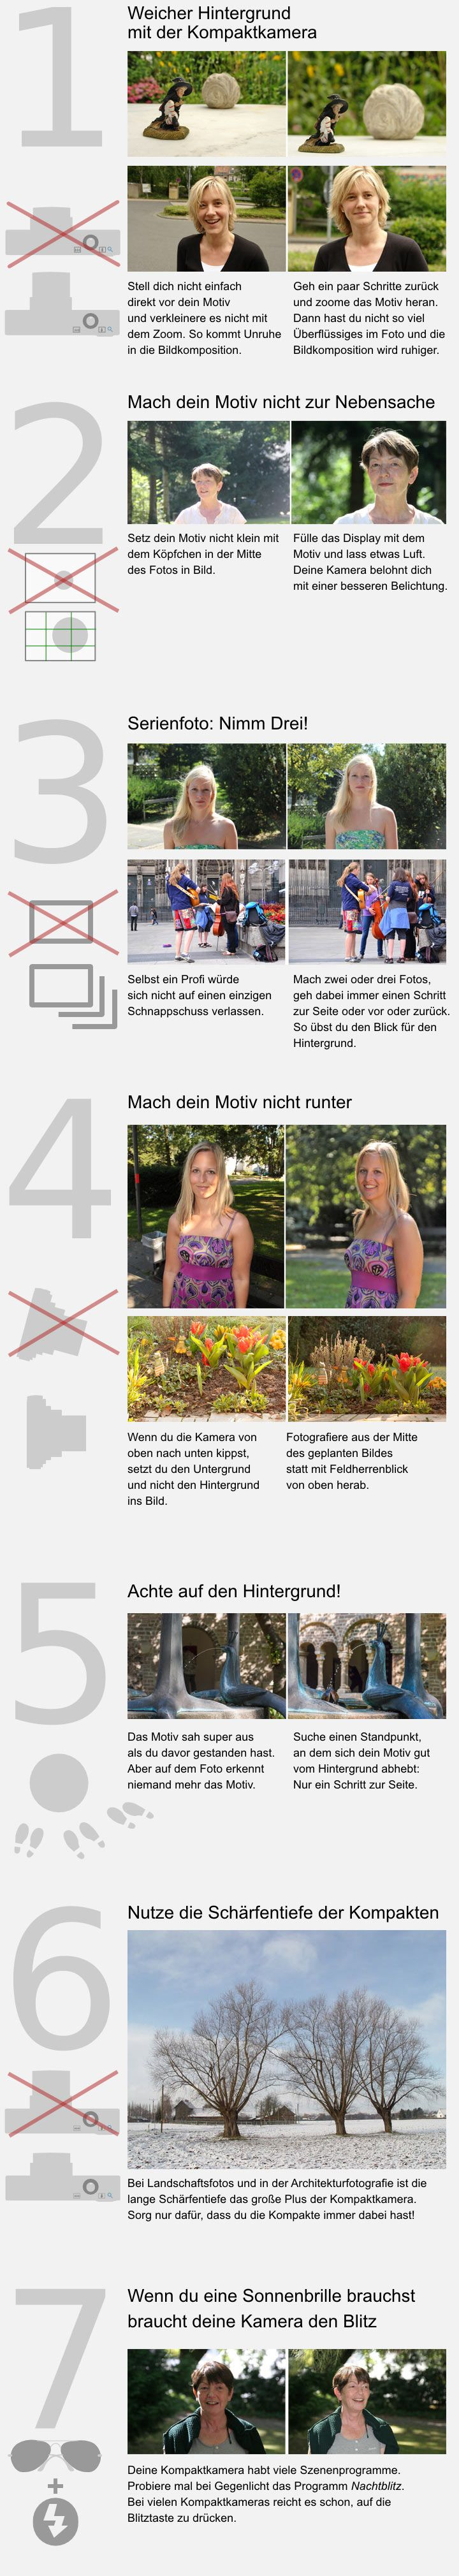 Fotos mit der Kompaktkamera brauchen eine eigene Bildgestaltung und Bildsprache, da sie die Unschärfe hinter dem Motiv nicht erzielen: Farbkontrast, Helligkeitskontrast, Größenkontrast.